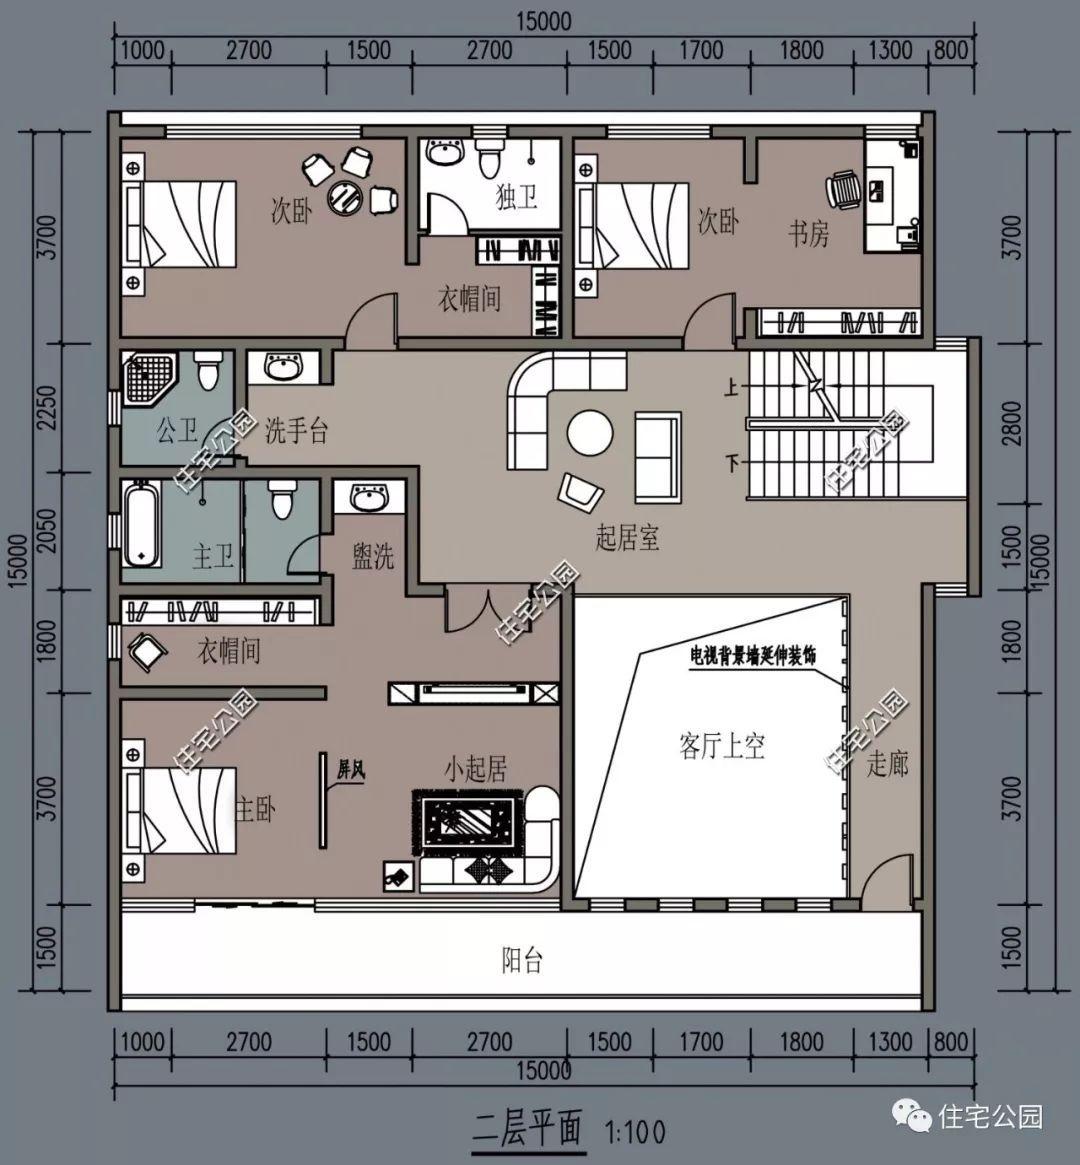 04㎡ 建筑面积:328㎡ 户型描述:共设6室 3厅 5卫 3书房 2阳台 1露台图片